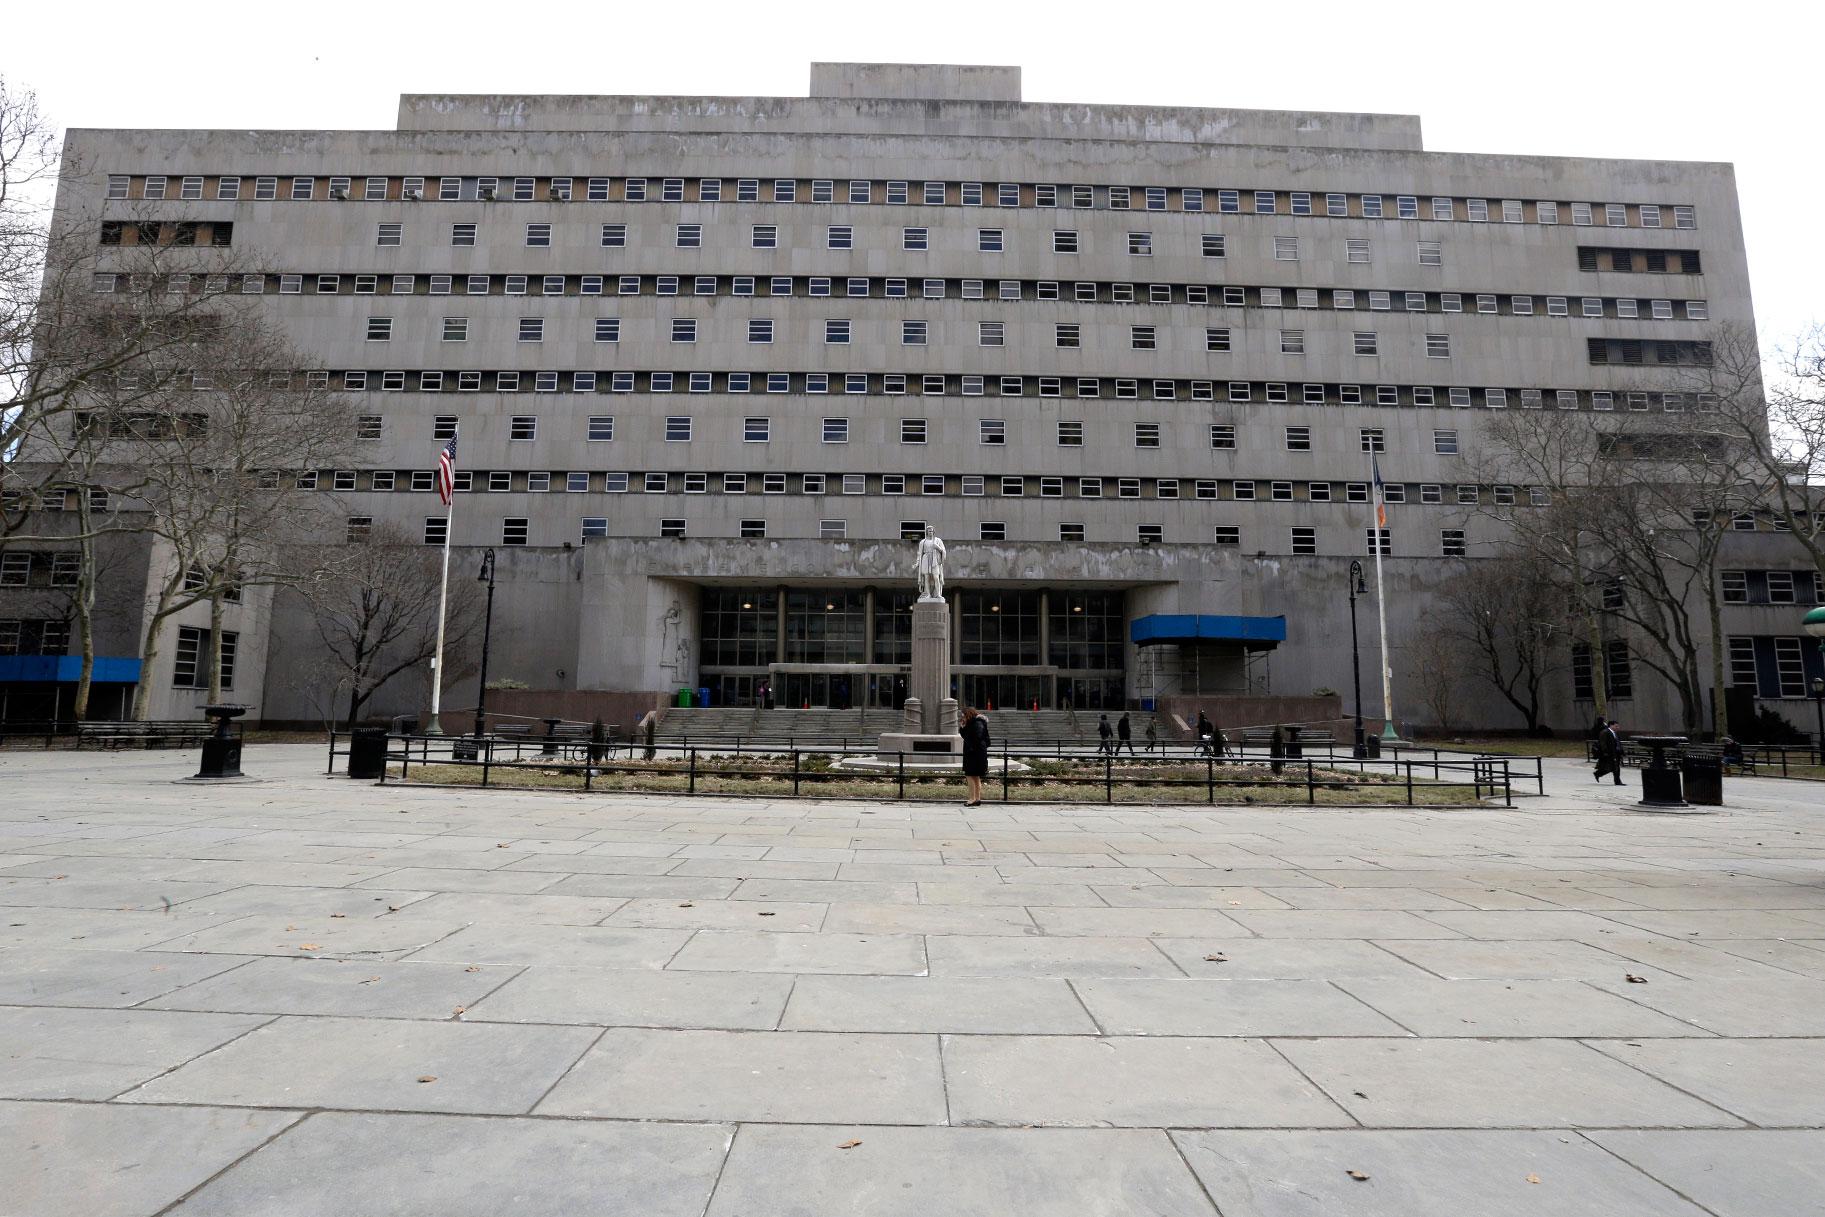 2 detectives de la policía de Nueva York admiten haber tenido relaciones sexuales con un sospechoso en la furgoneta de la policía a cambio de dejarla ir